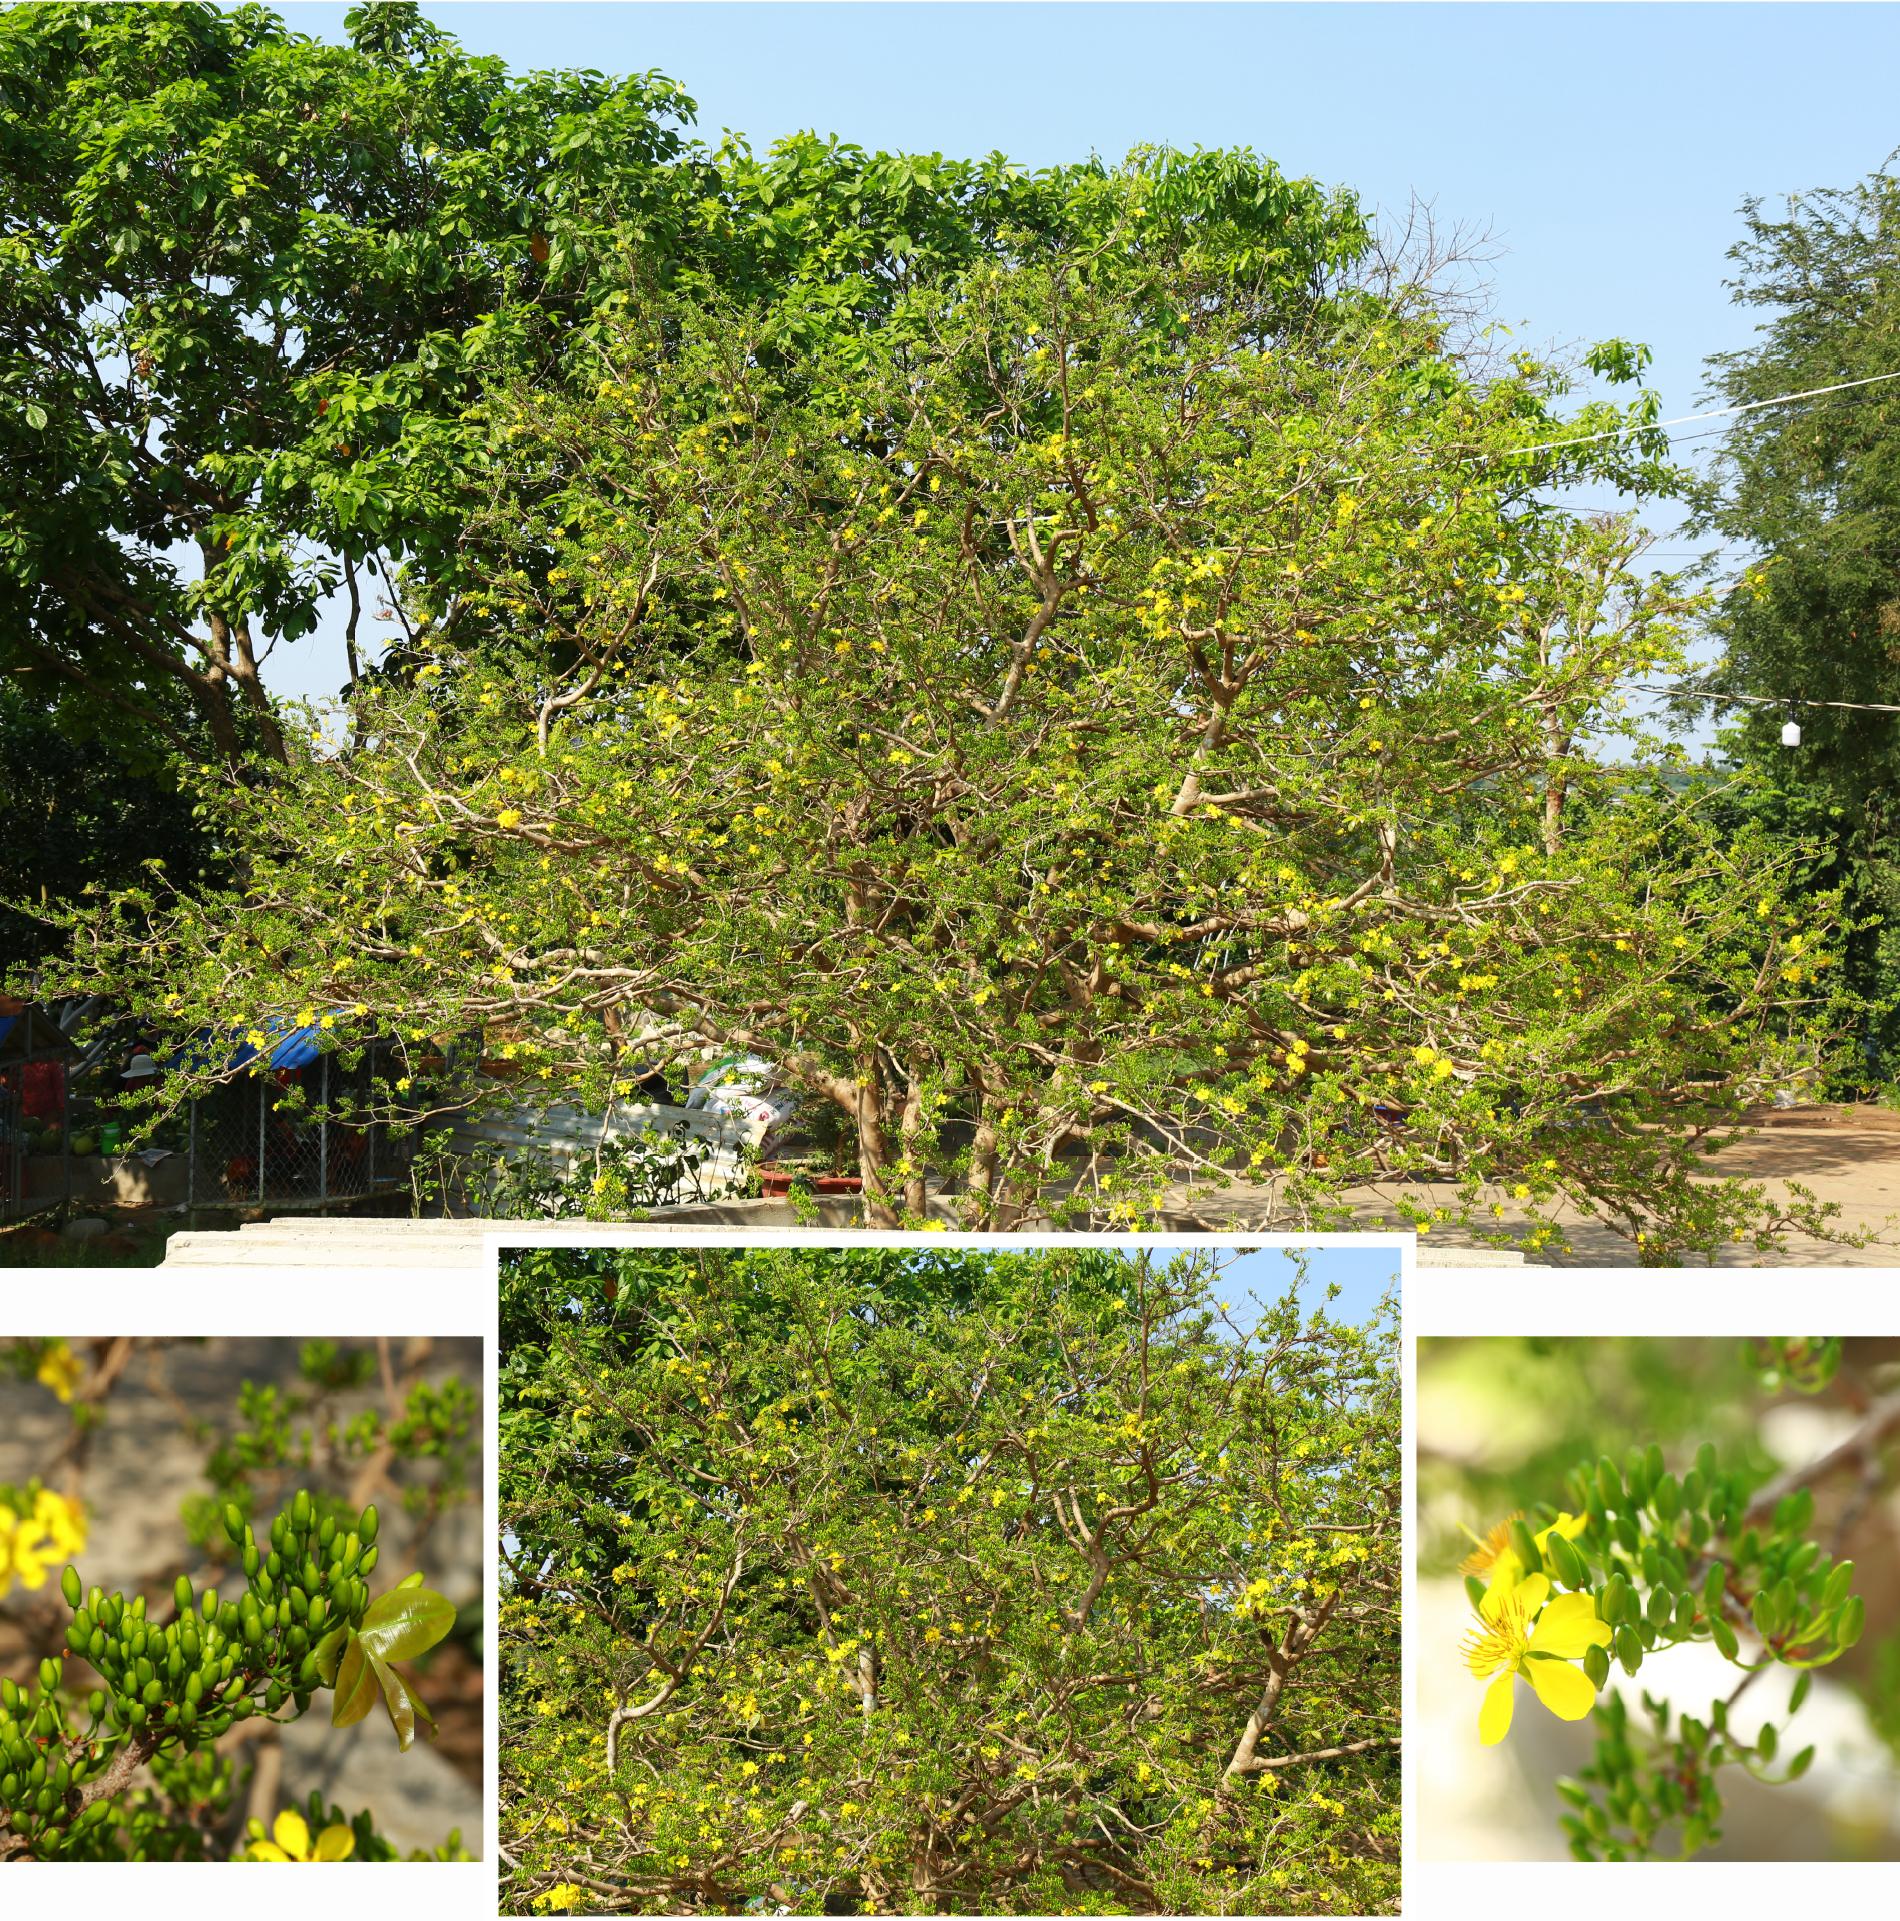 Ngắm cây mai 'khổng lồ' ở Bà Rịa - Vũng Tàu ảnh 6